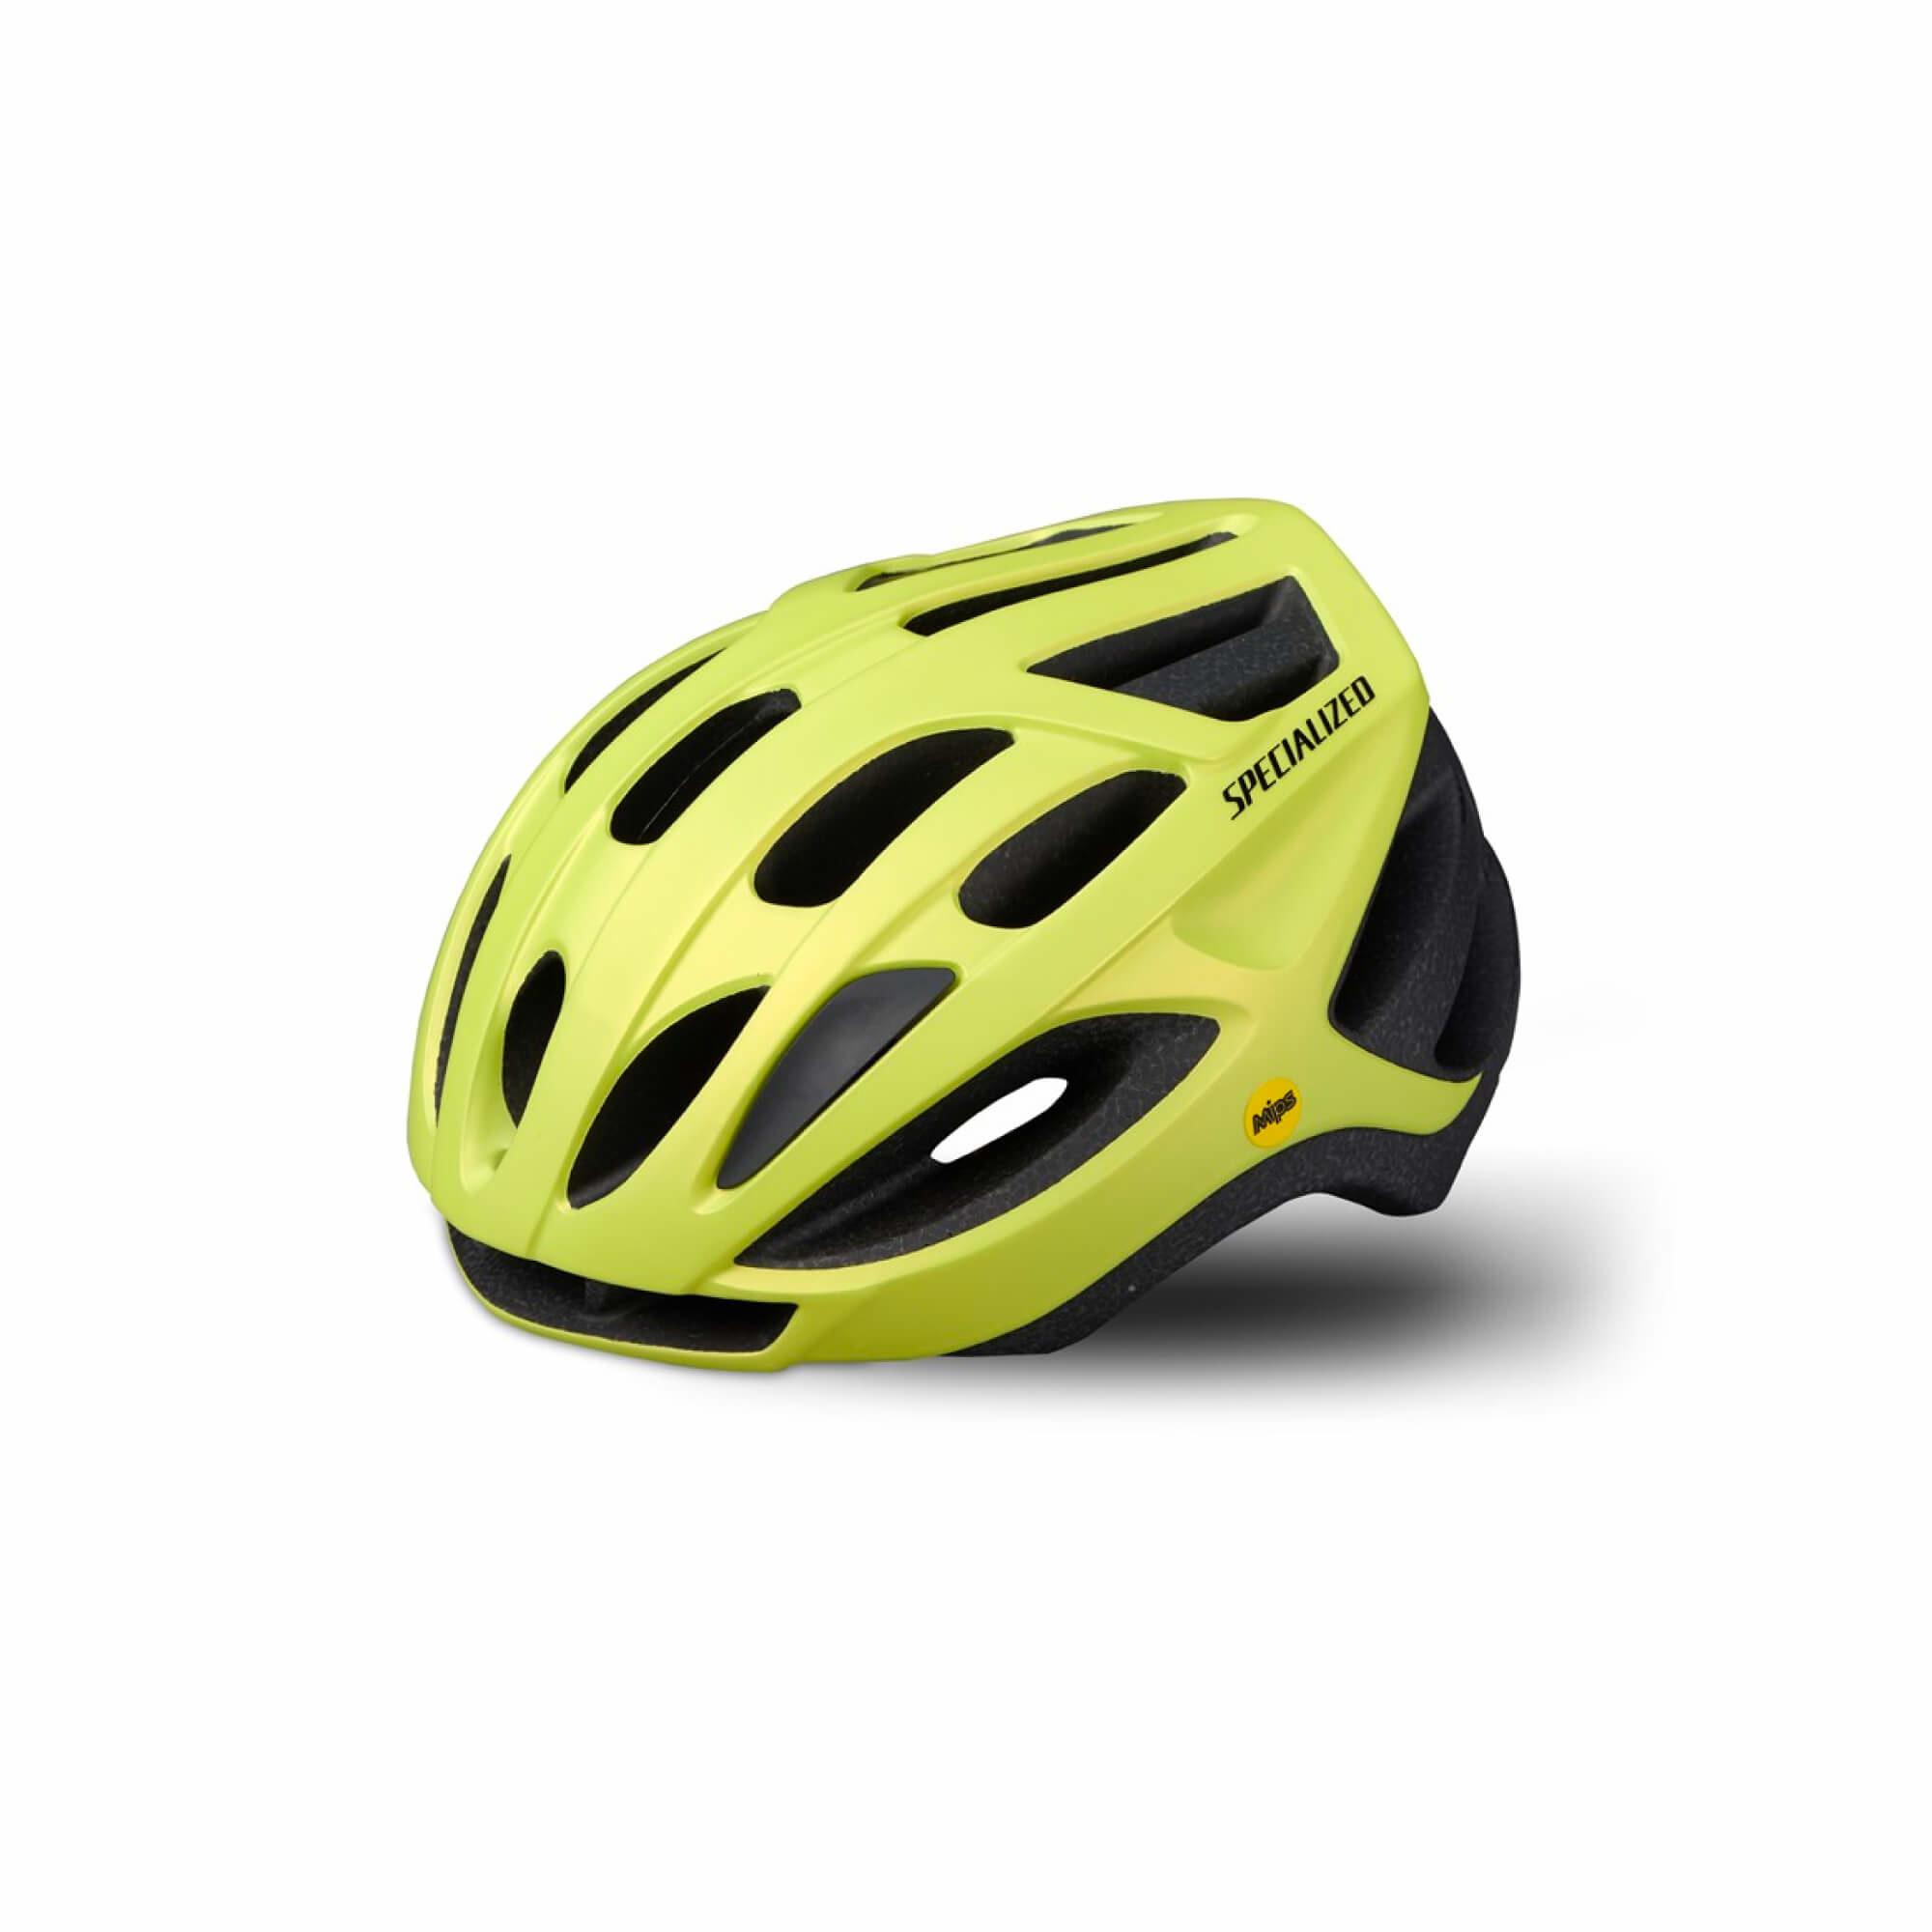 Align Helmet-12